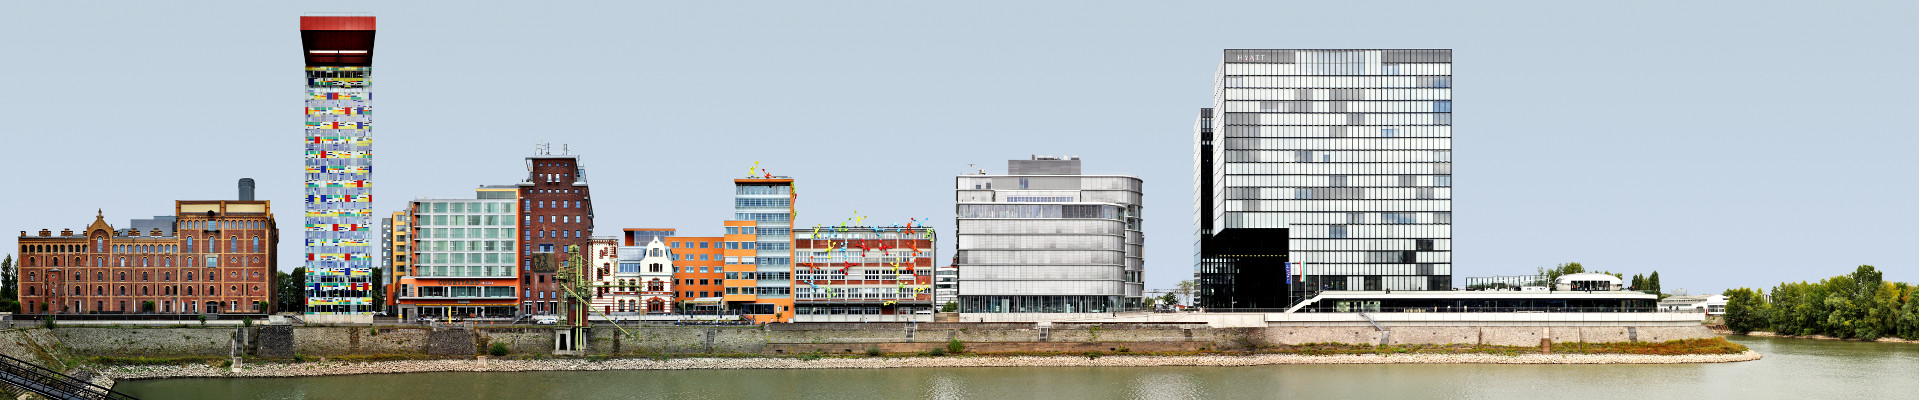 Medienhafen • Düsseldorf • Deutschland